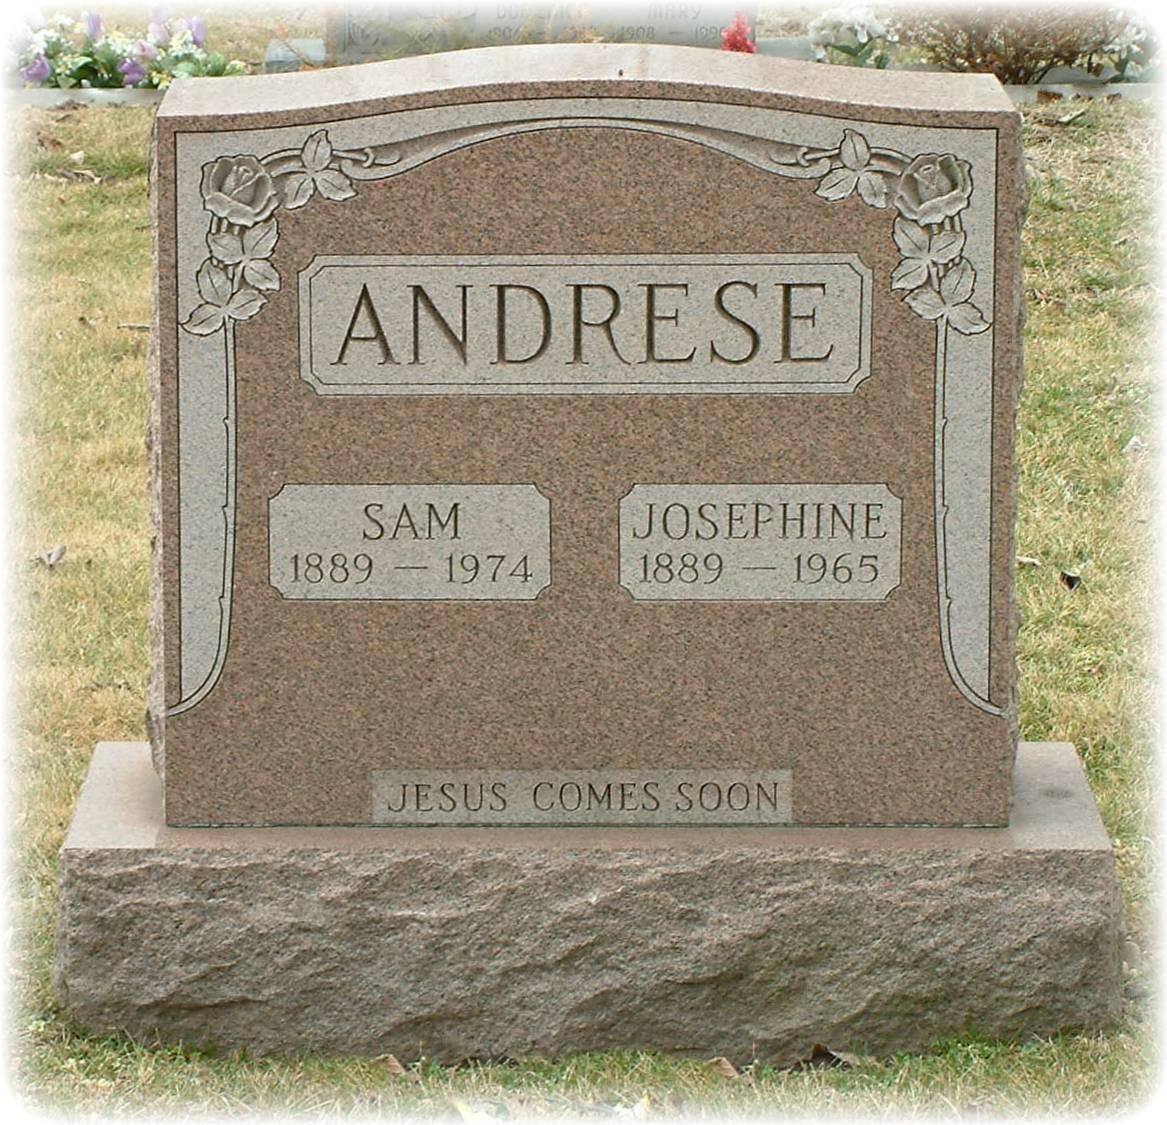 Josephine Andrese